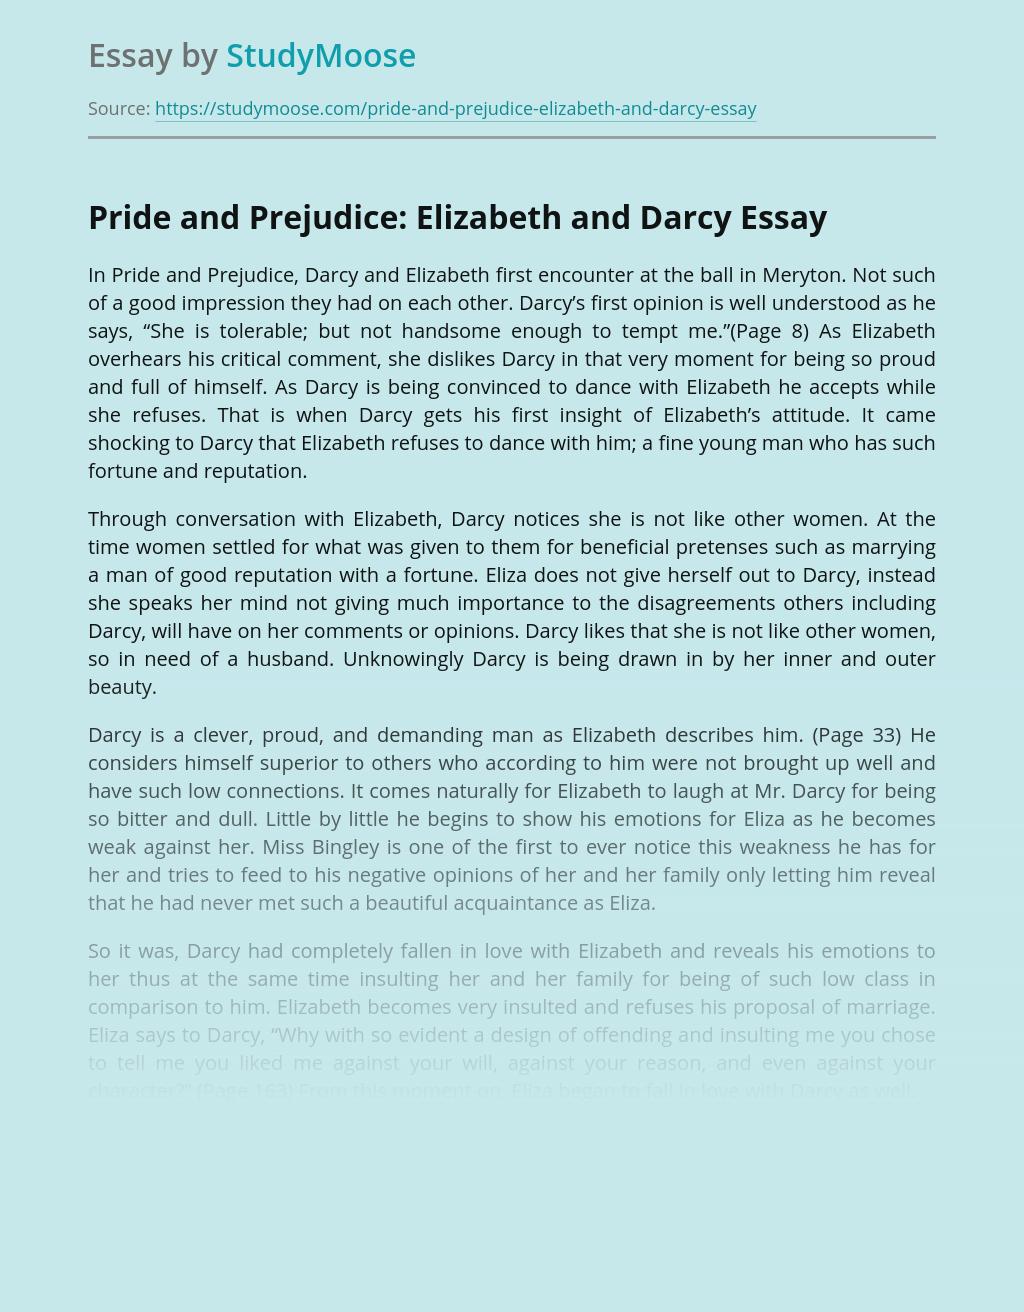 Pride and Prejudice: Elizabeth and Darcy